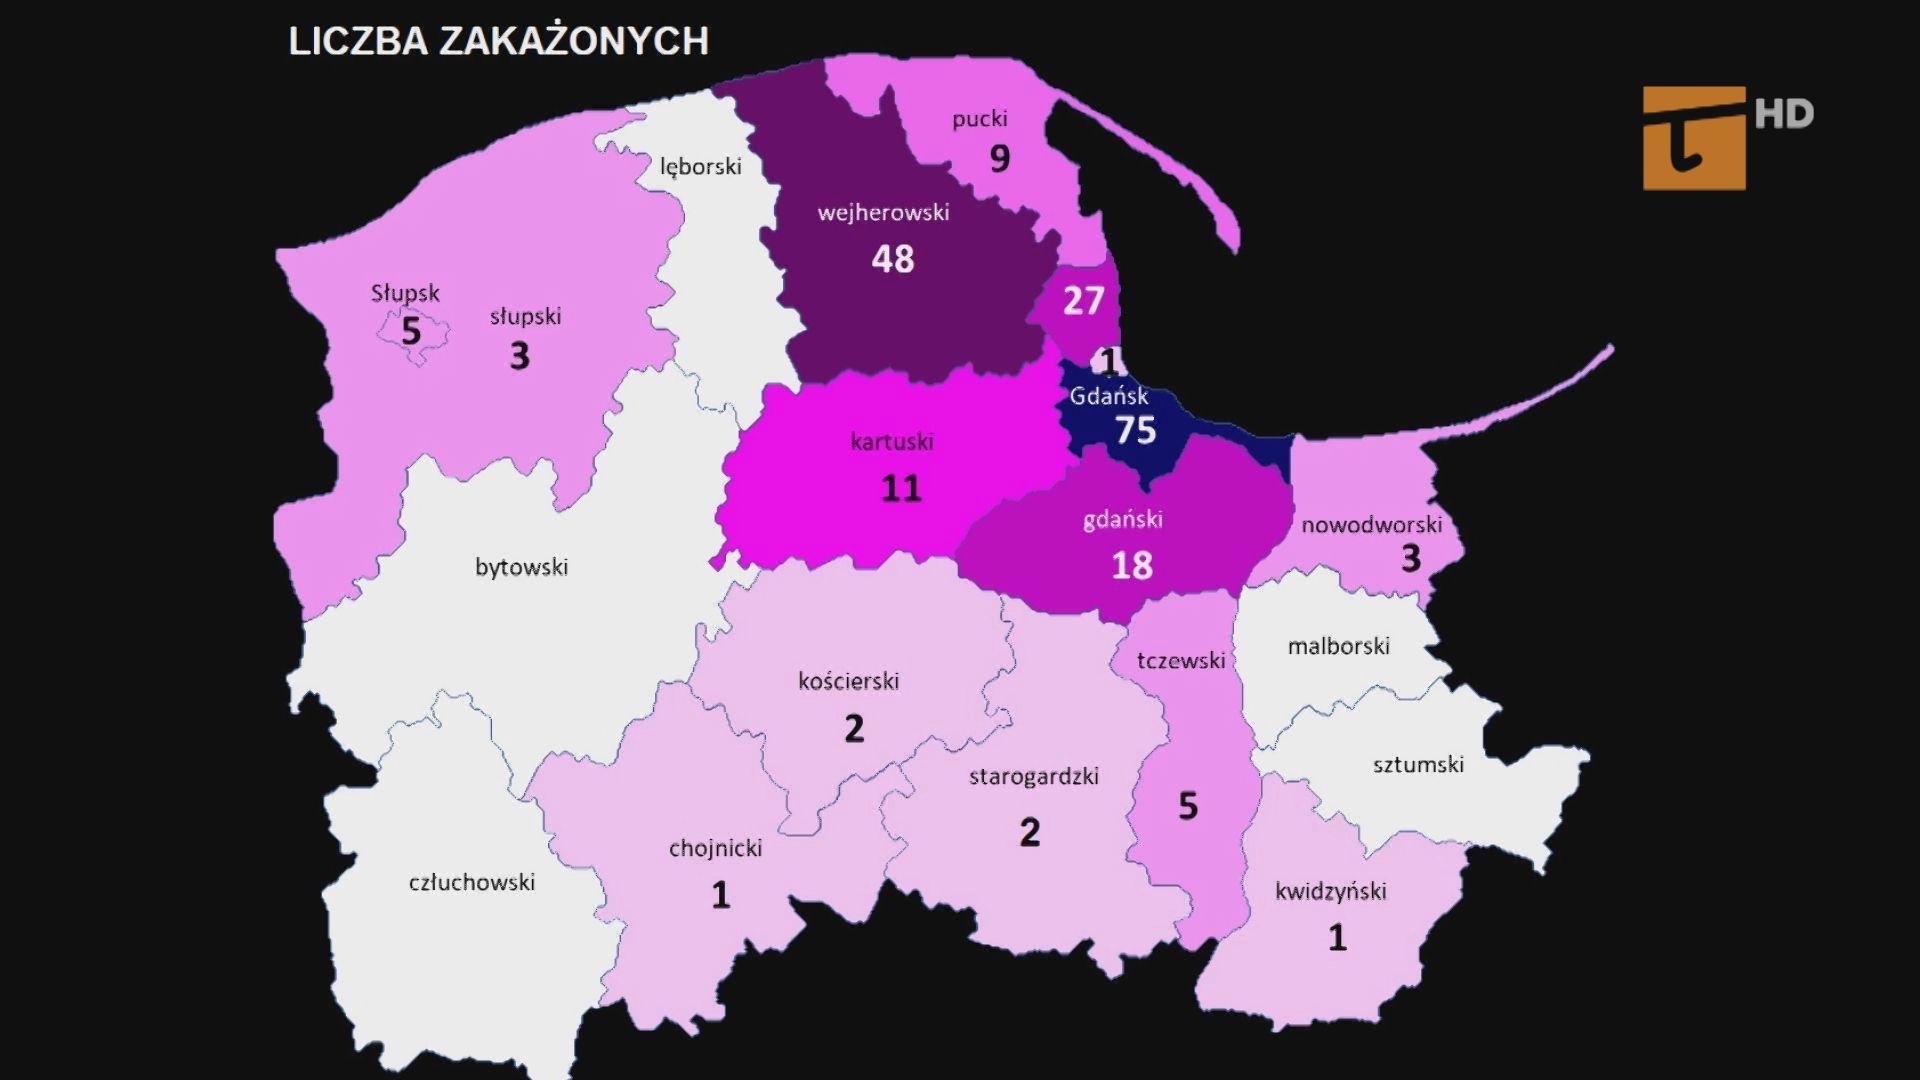 Piąty zakażony w powiecie tczewskim